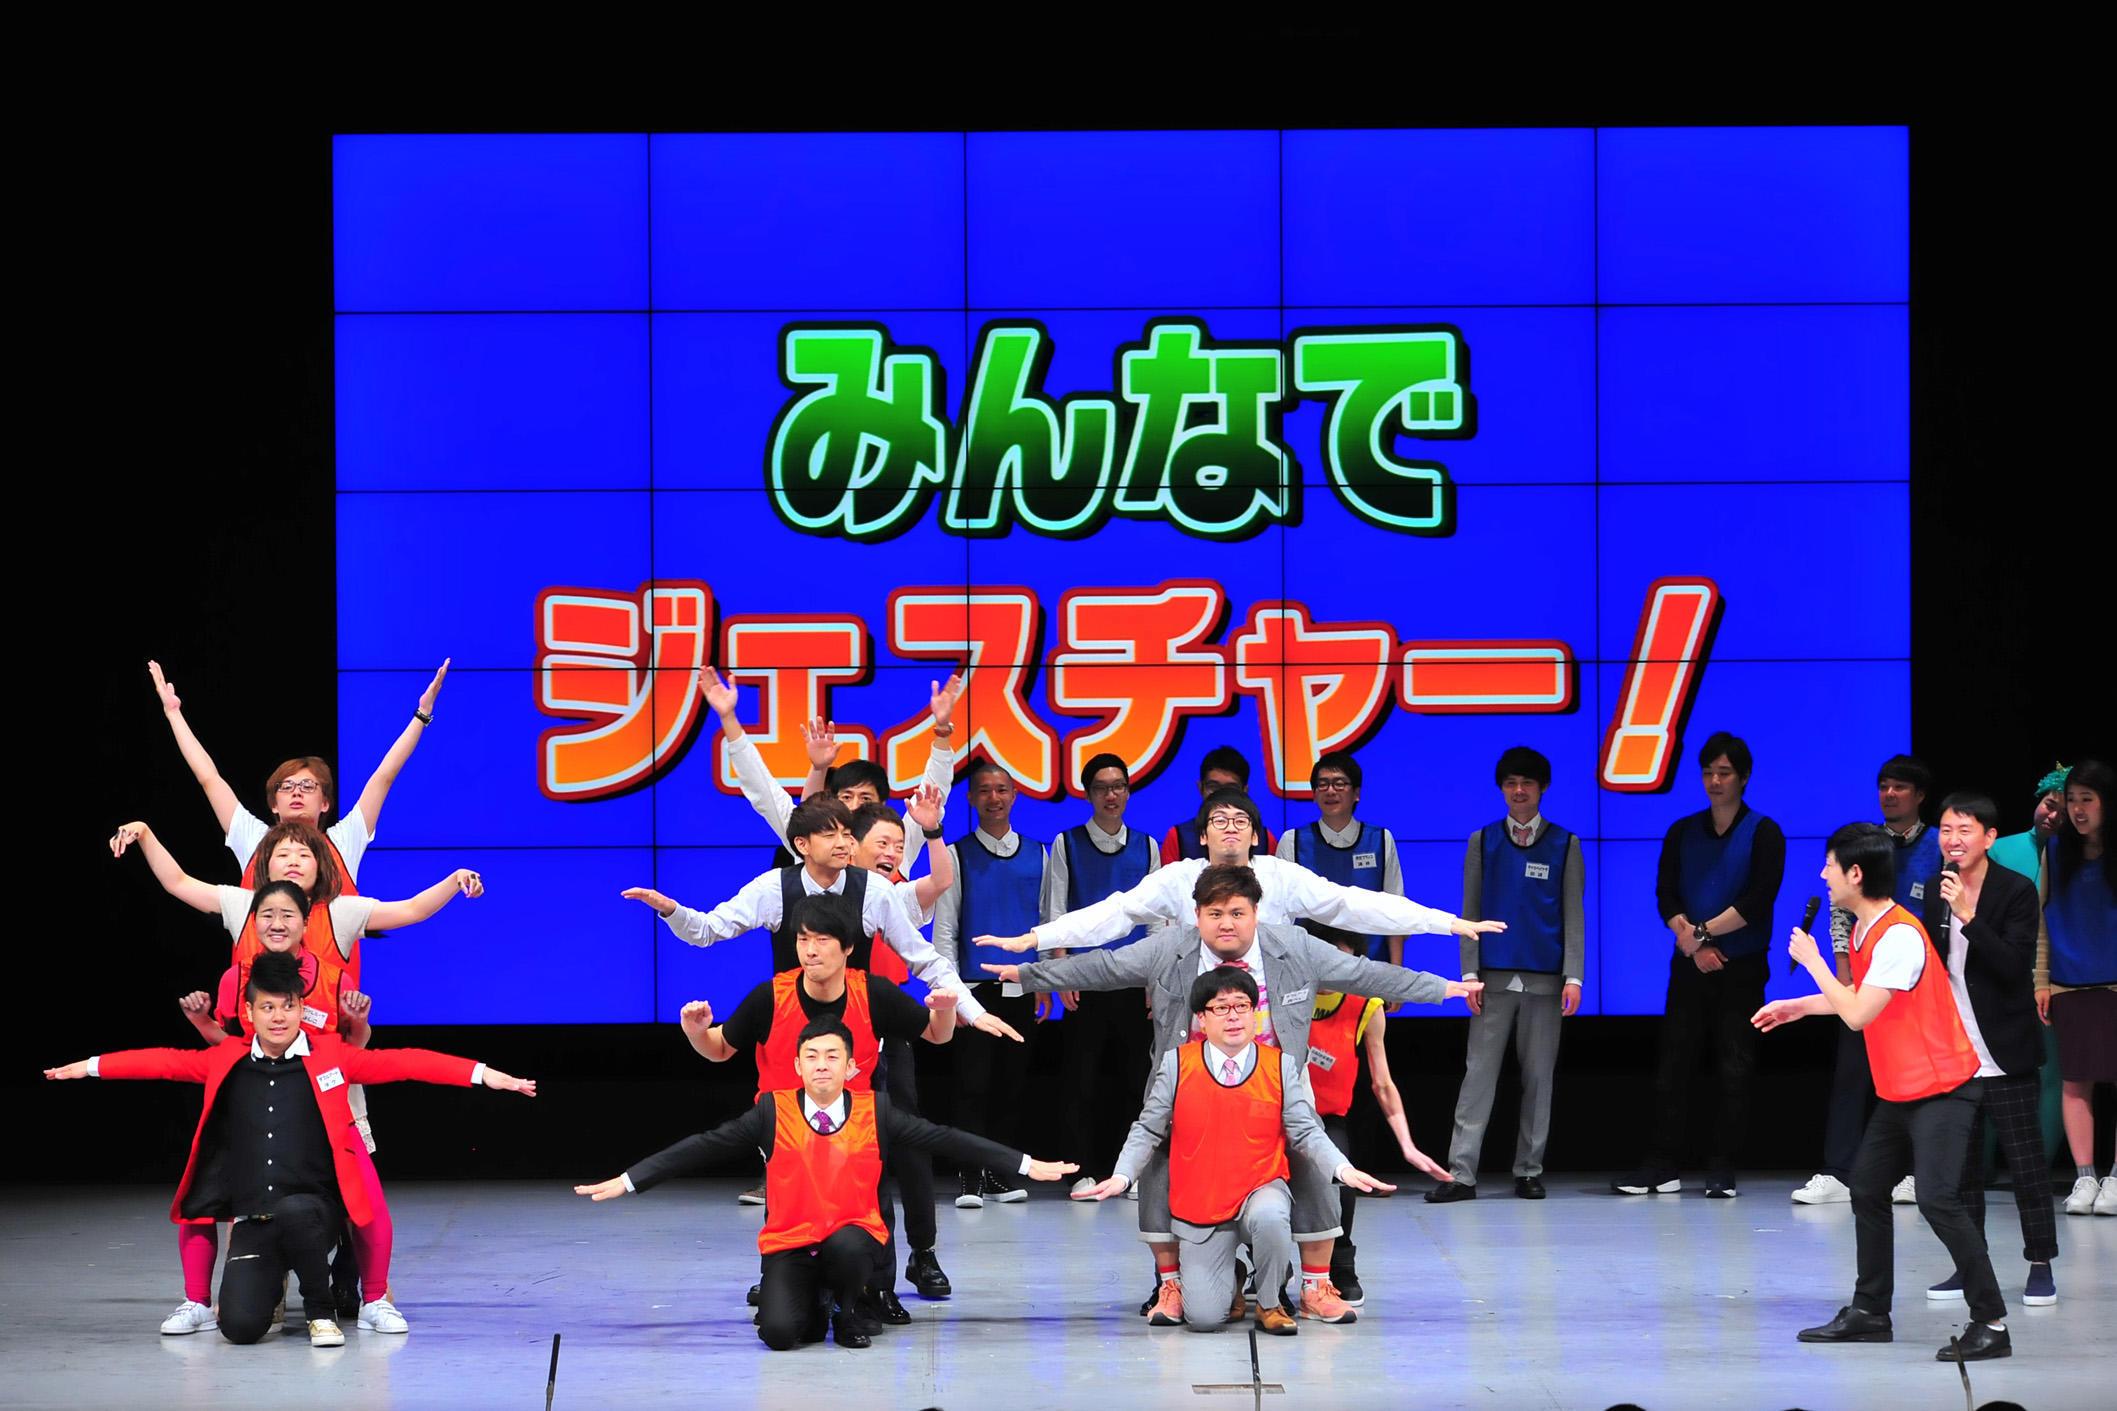 http://news.yoshimoto.co.jp/20160429204920-dabce3c6bb6b3db3231f80fc1746c33cdfeb0dfd.jpg